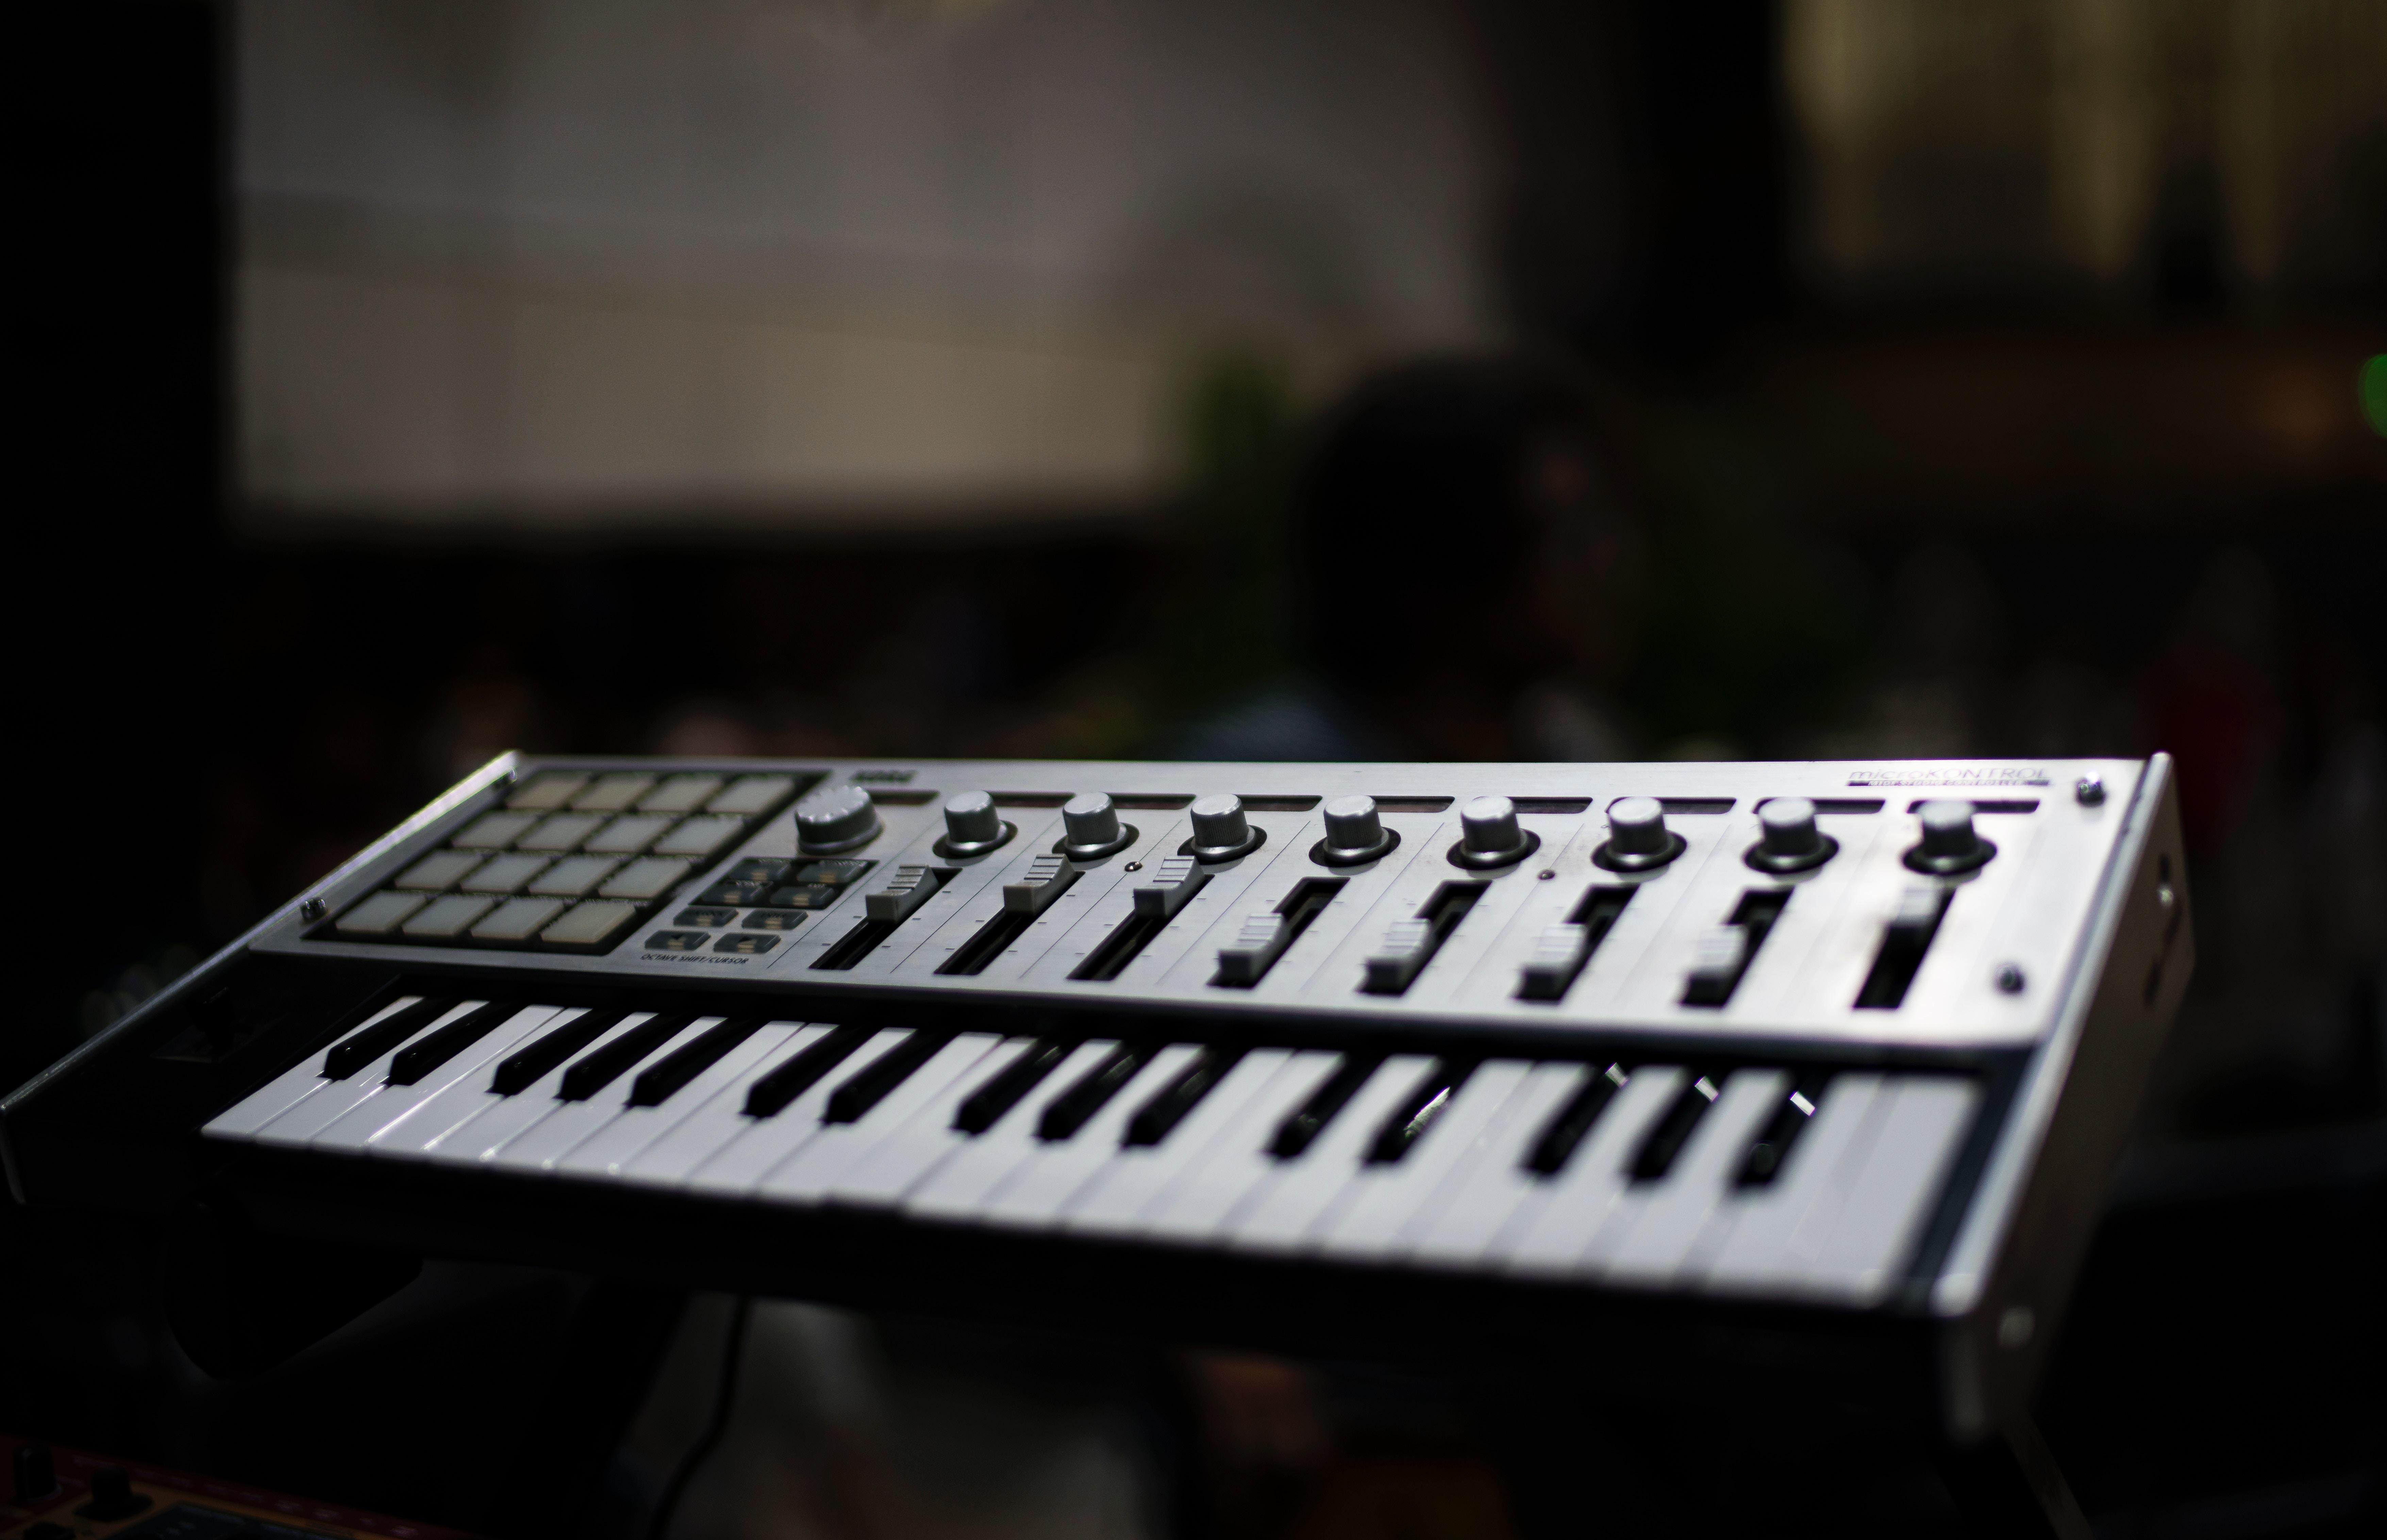 コンパクトmidiキーボードの写真